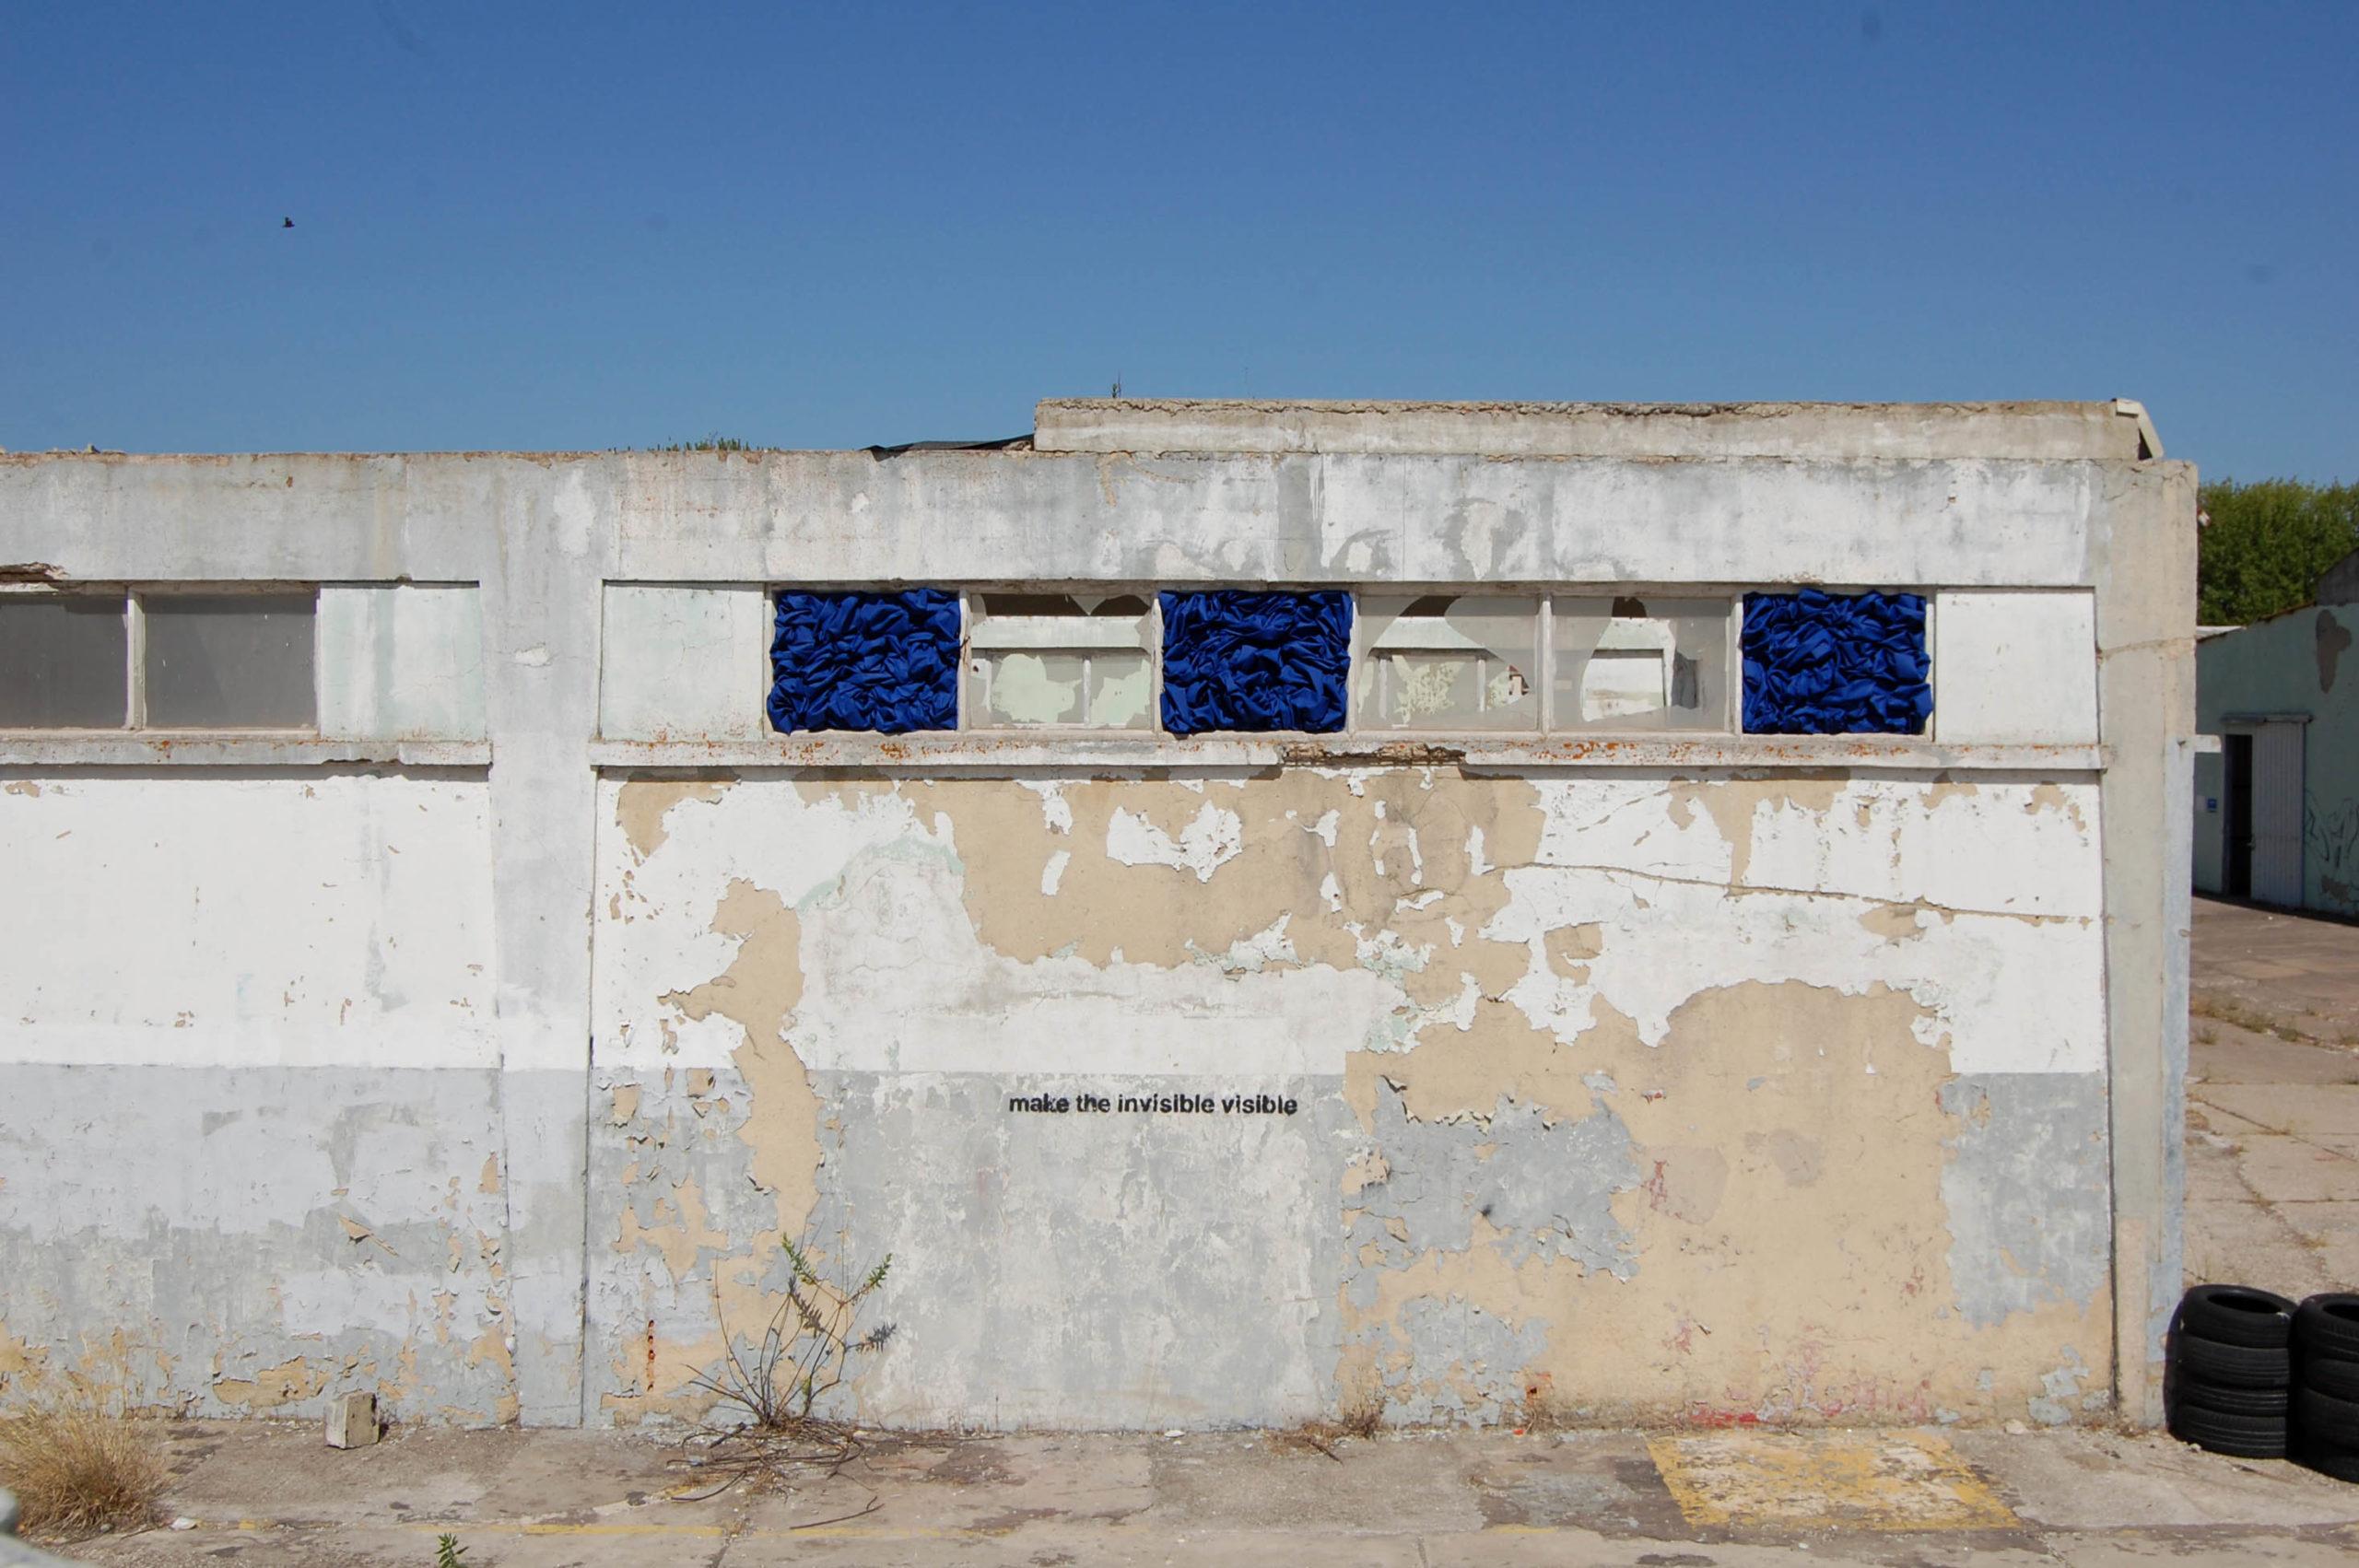 Window #1 #2 #3 (Make the invisible visible), acrilico su tela, 60 x 80 cm (ciascuno), 2019 – Courtesy Bislacchi Studio